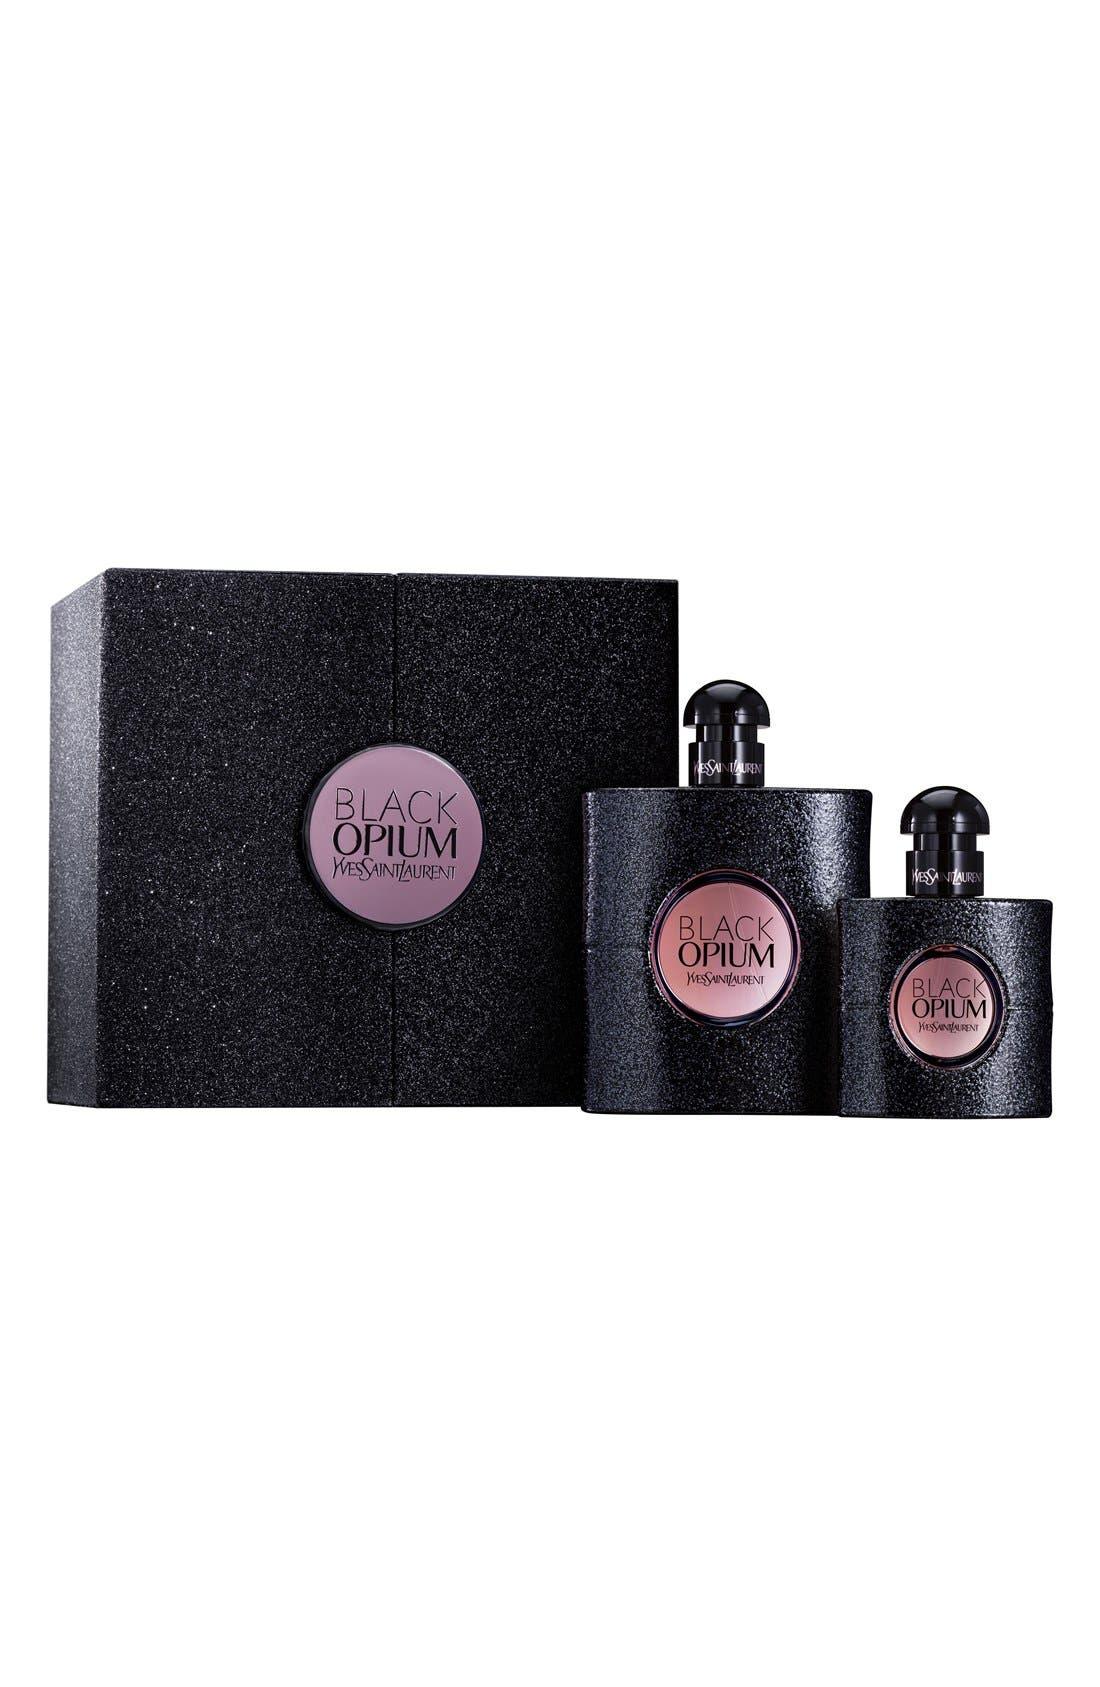 Yves Saint Laurent 'Black Opium' Fragrance Set ($182 Value)